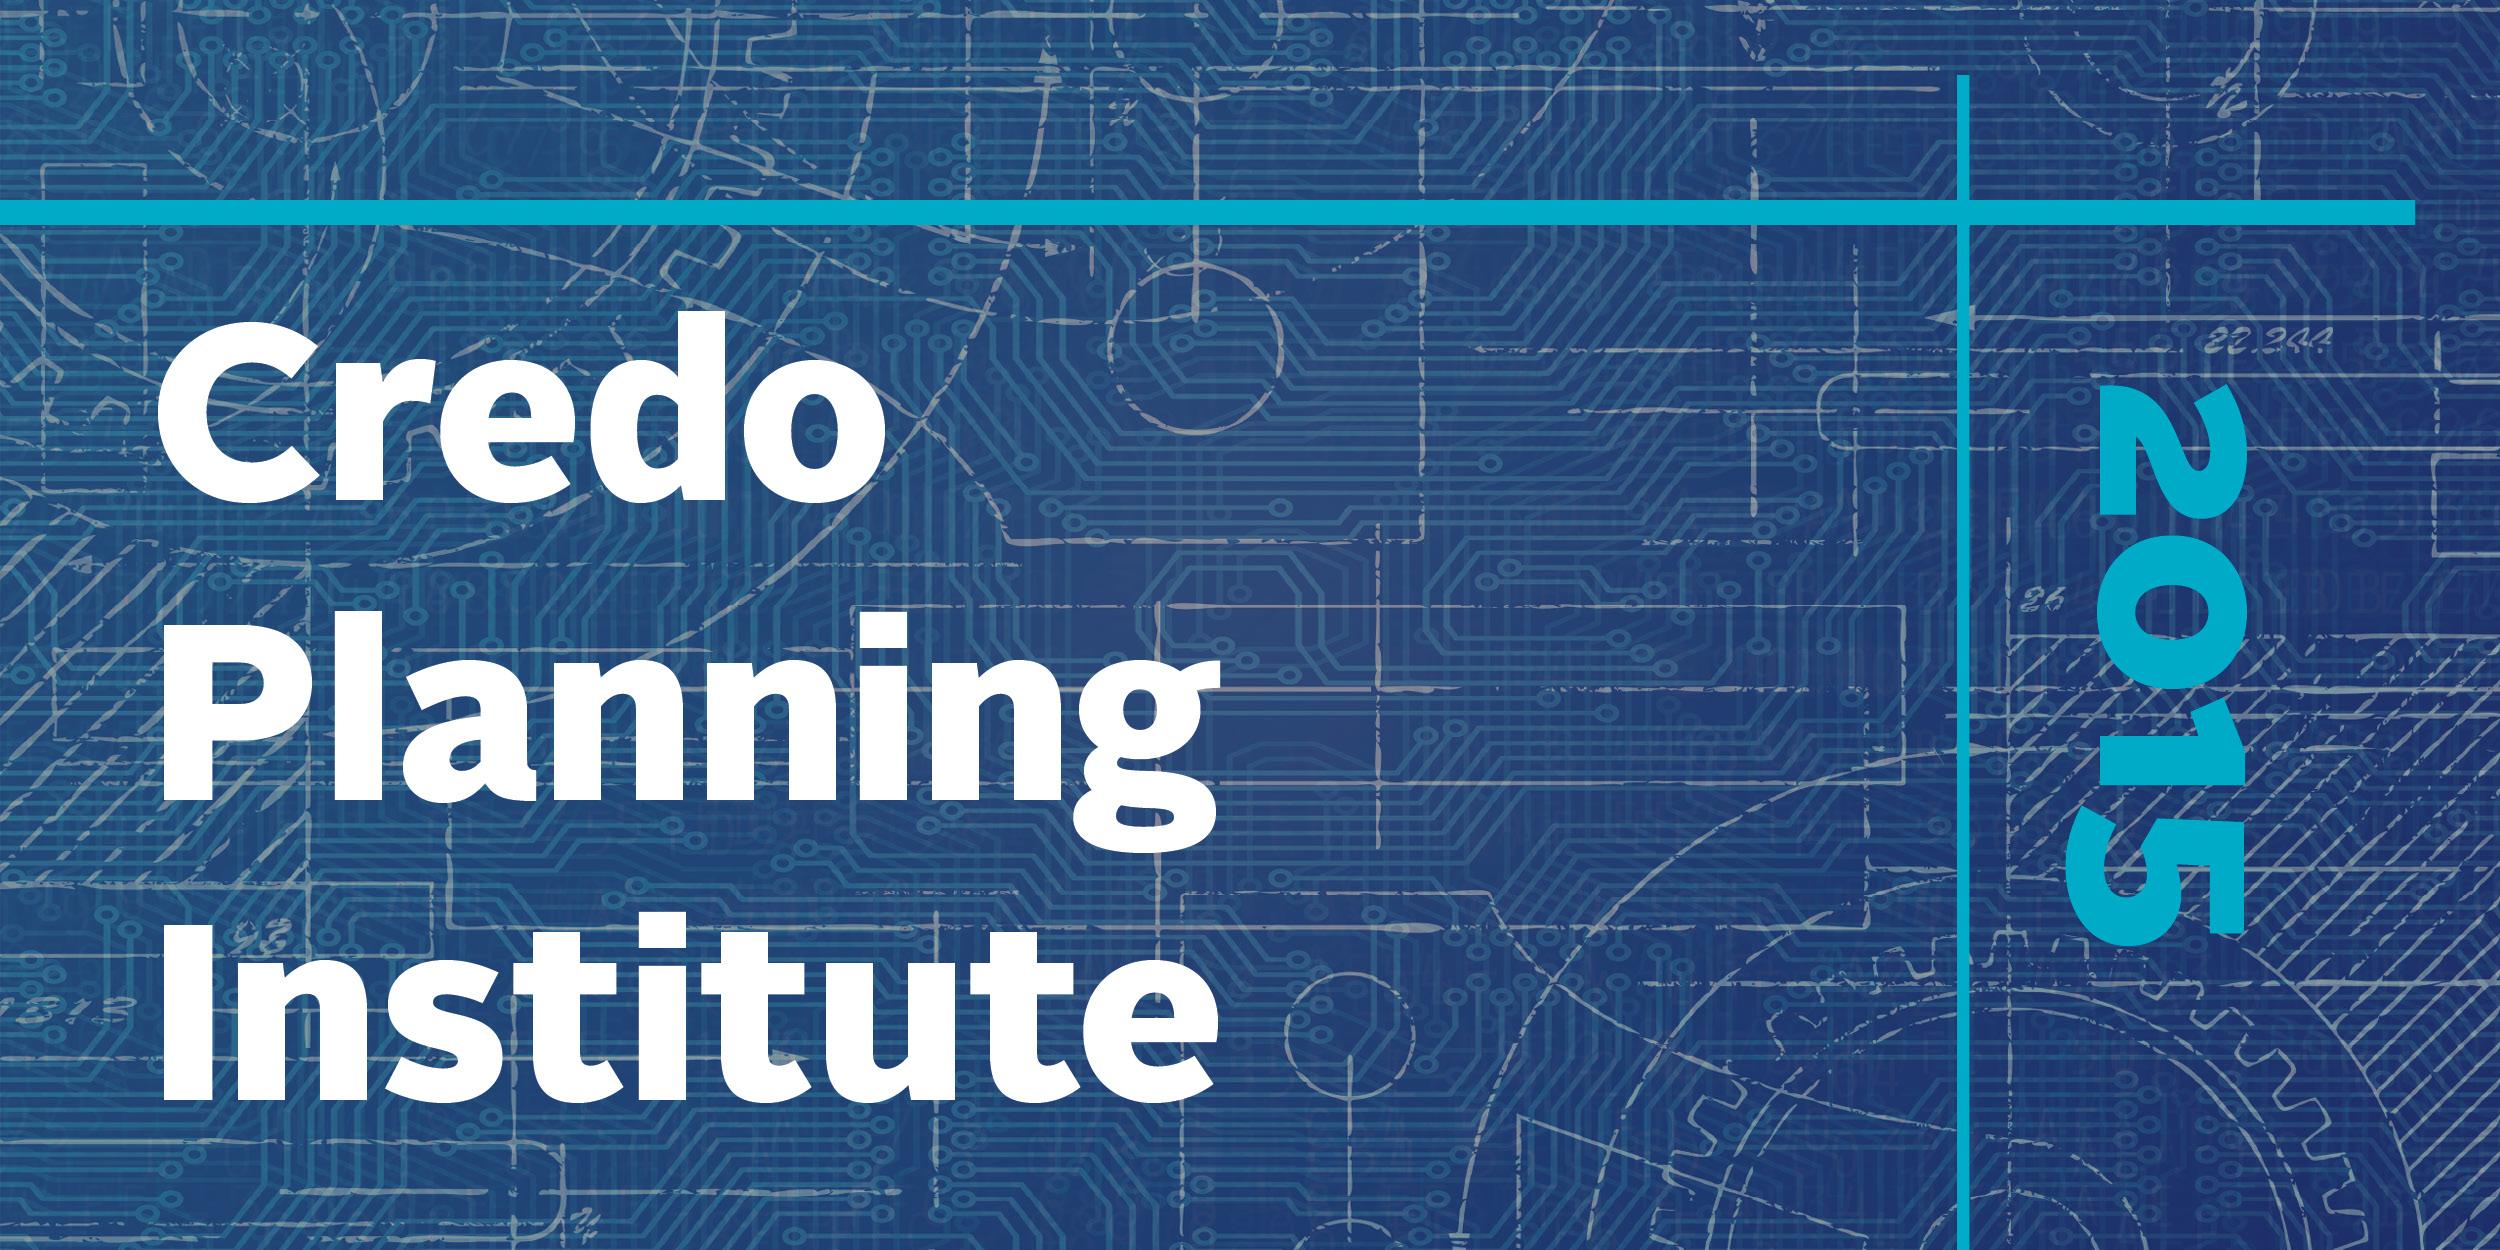 Credo Planning Institute